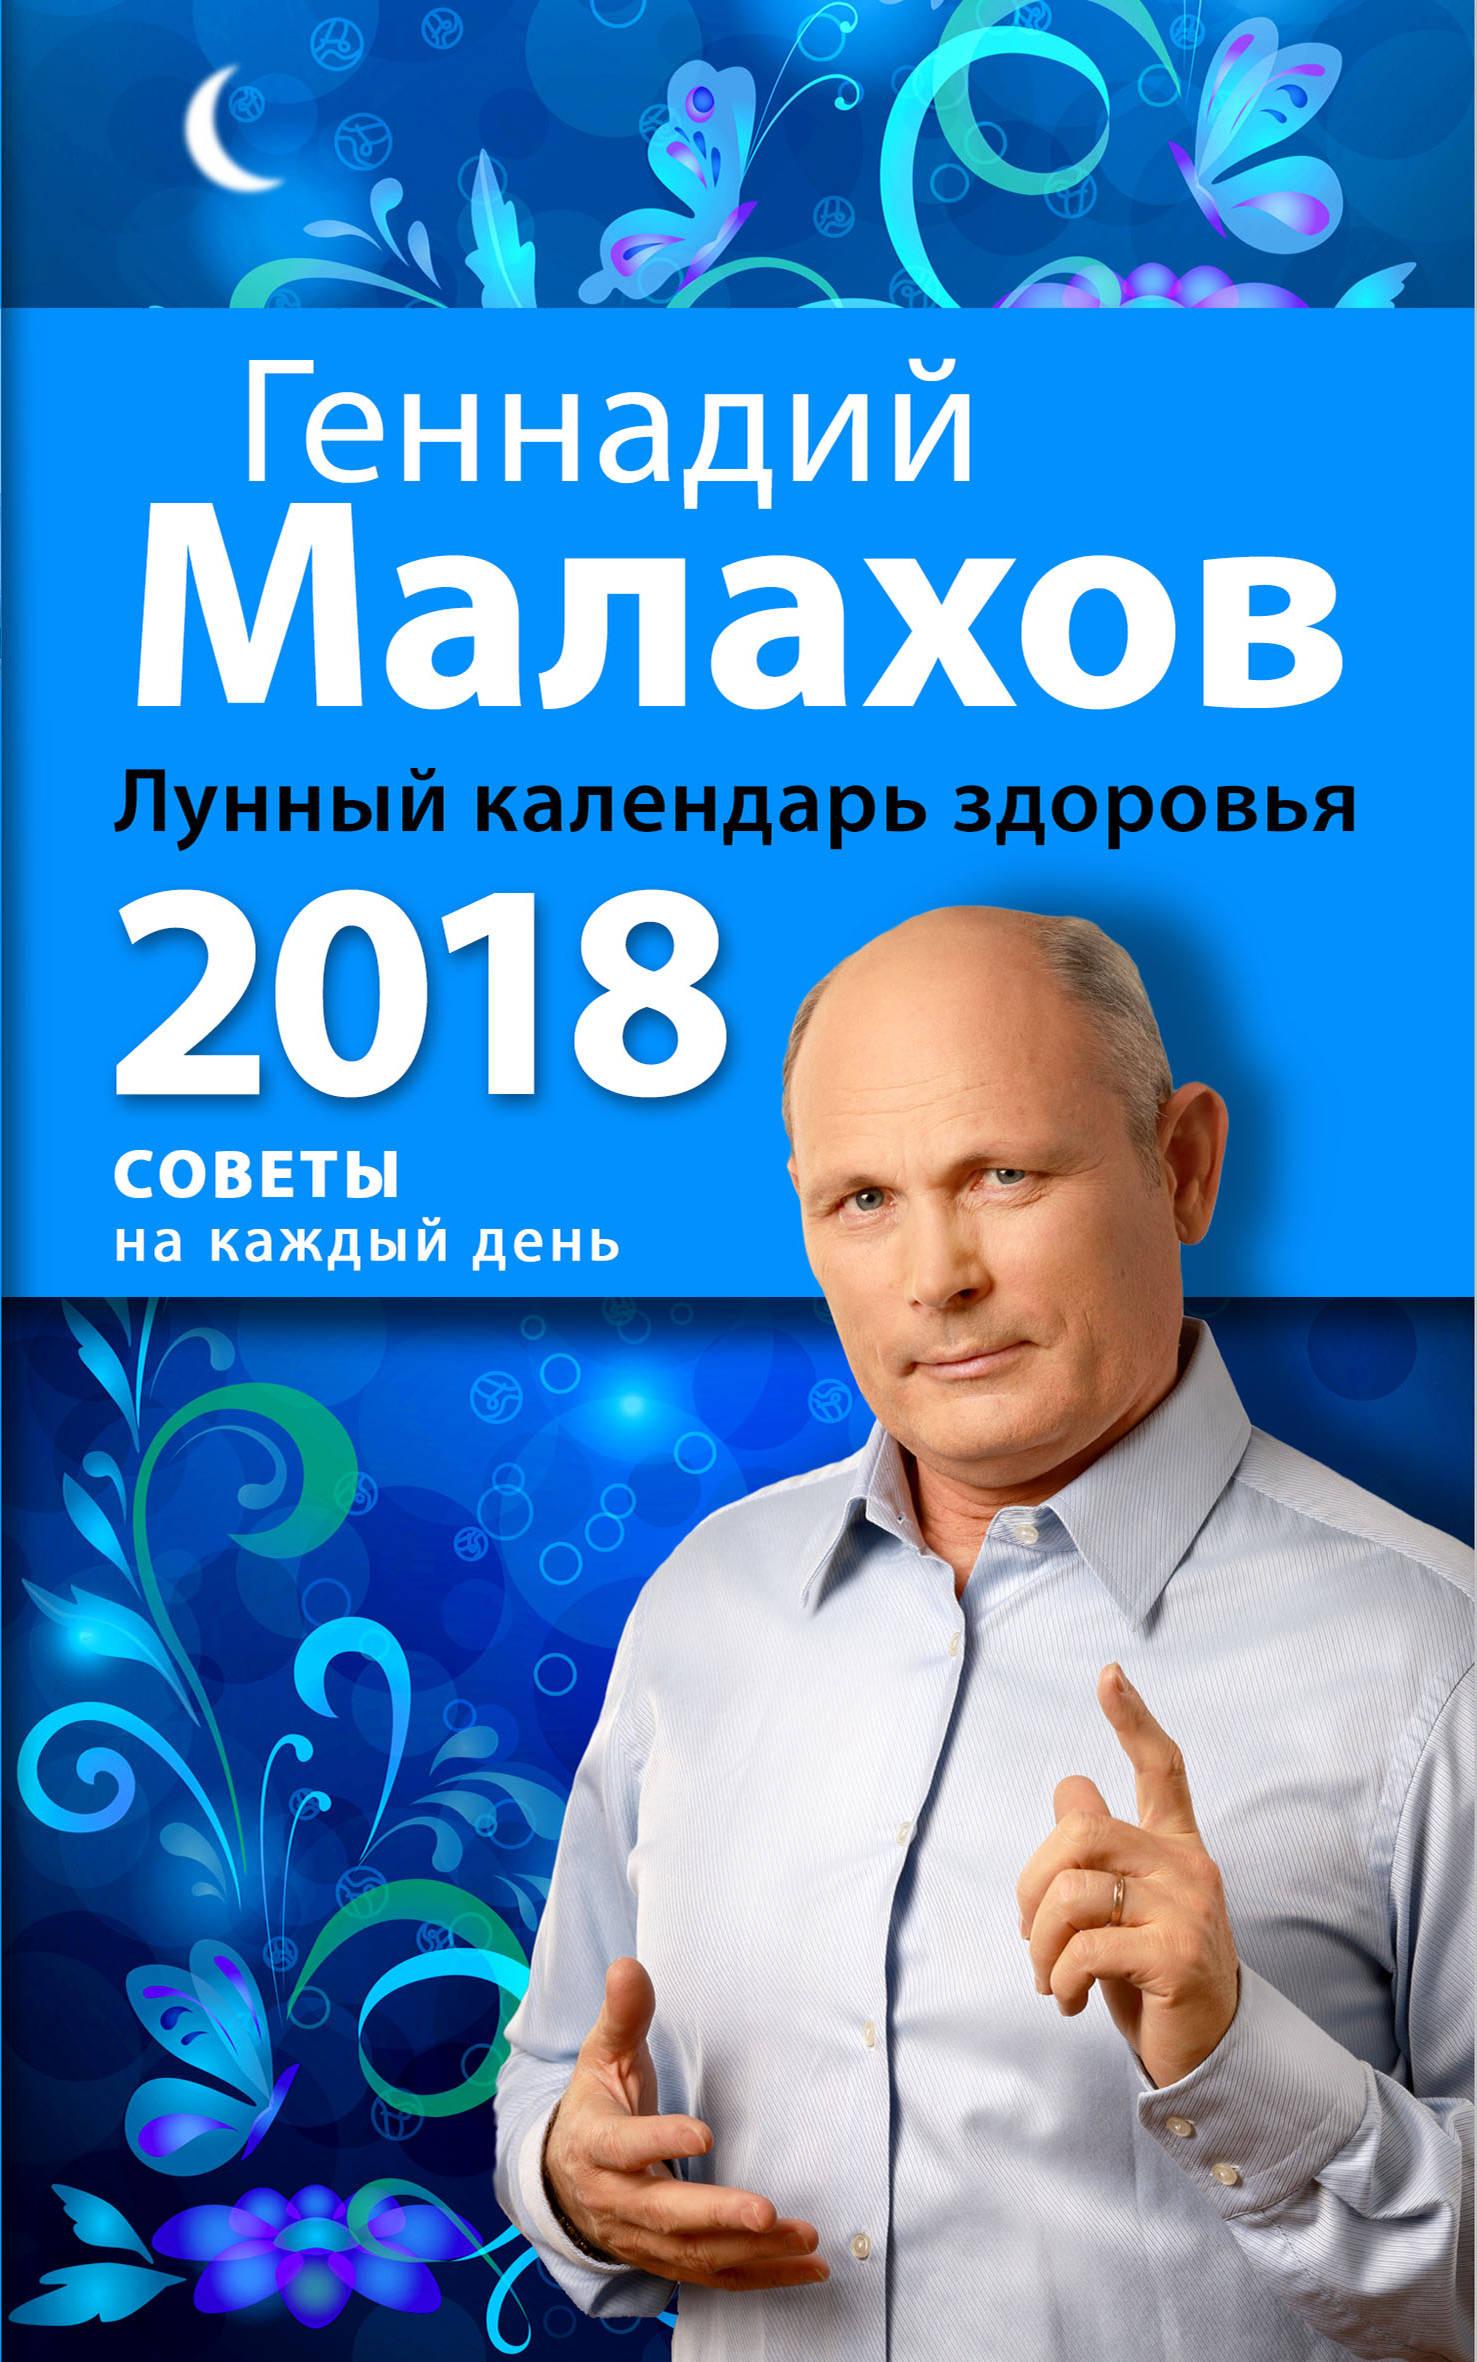 Геннадий Малахов Лунный календарь здоровья. 2018 год